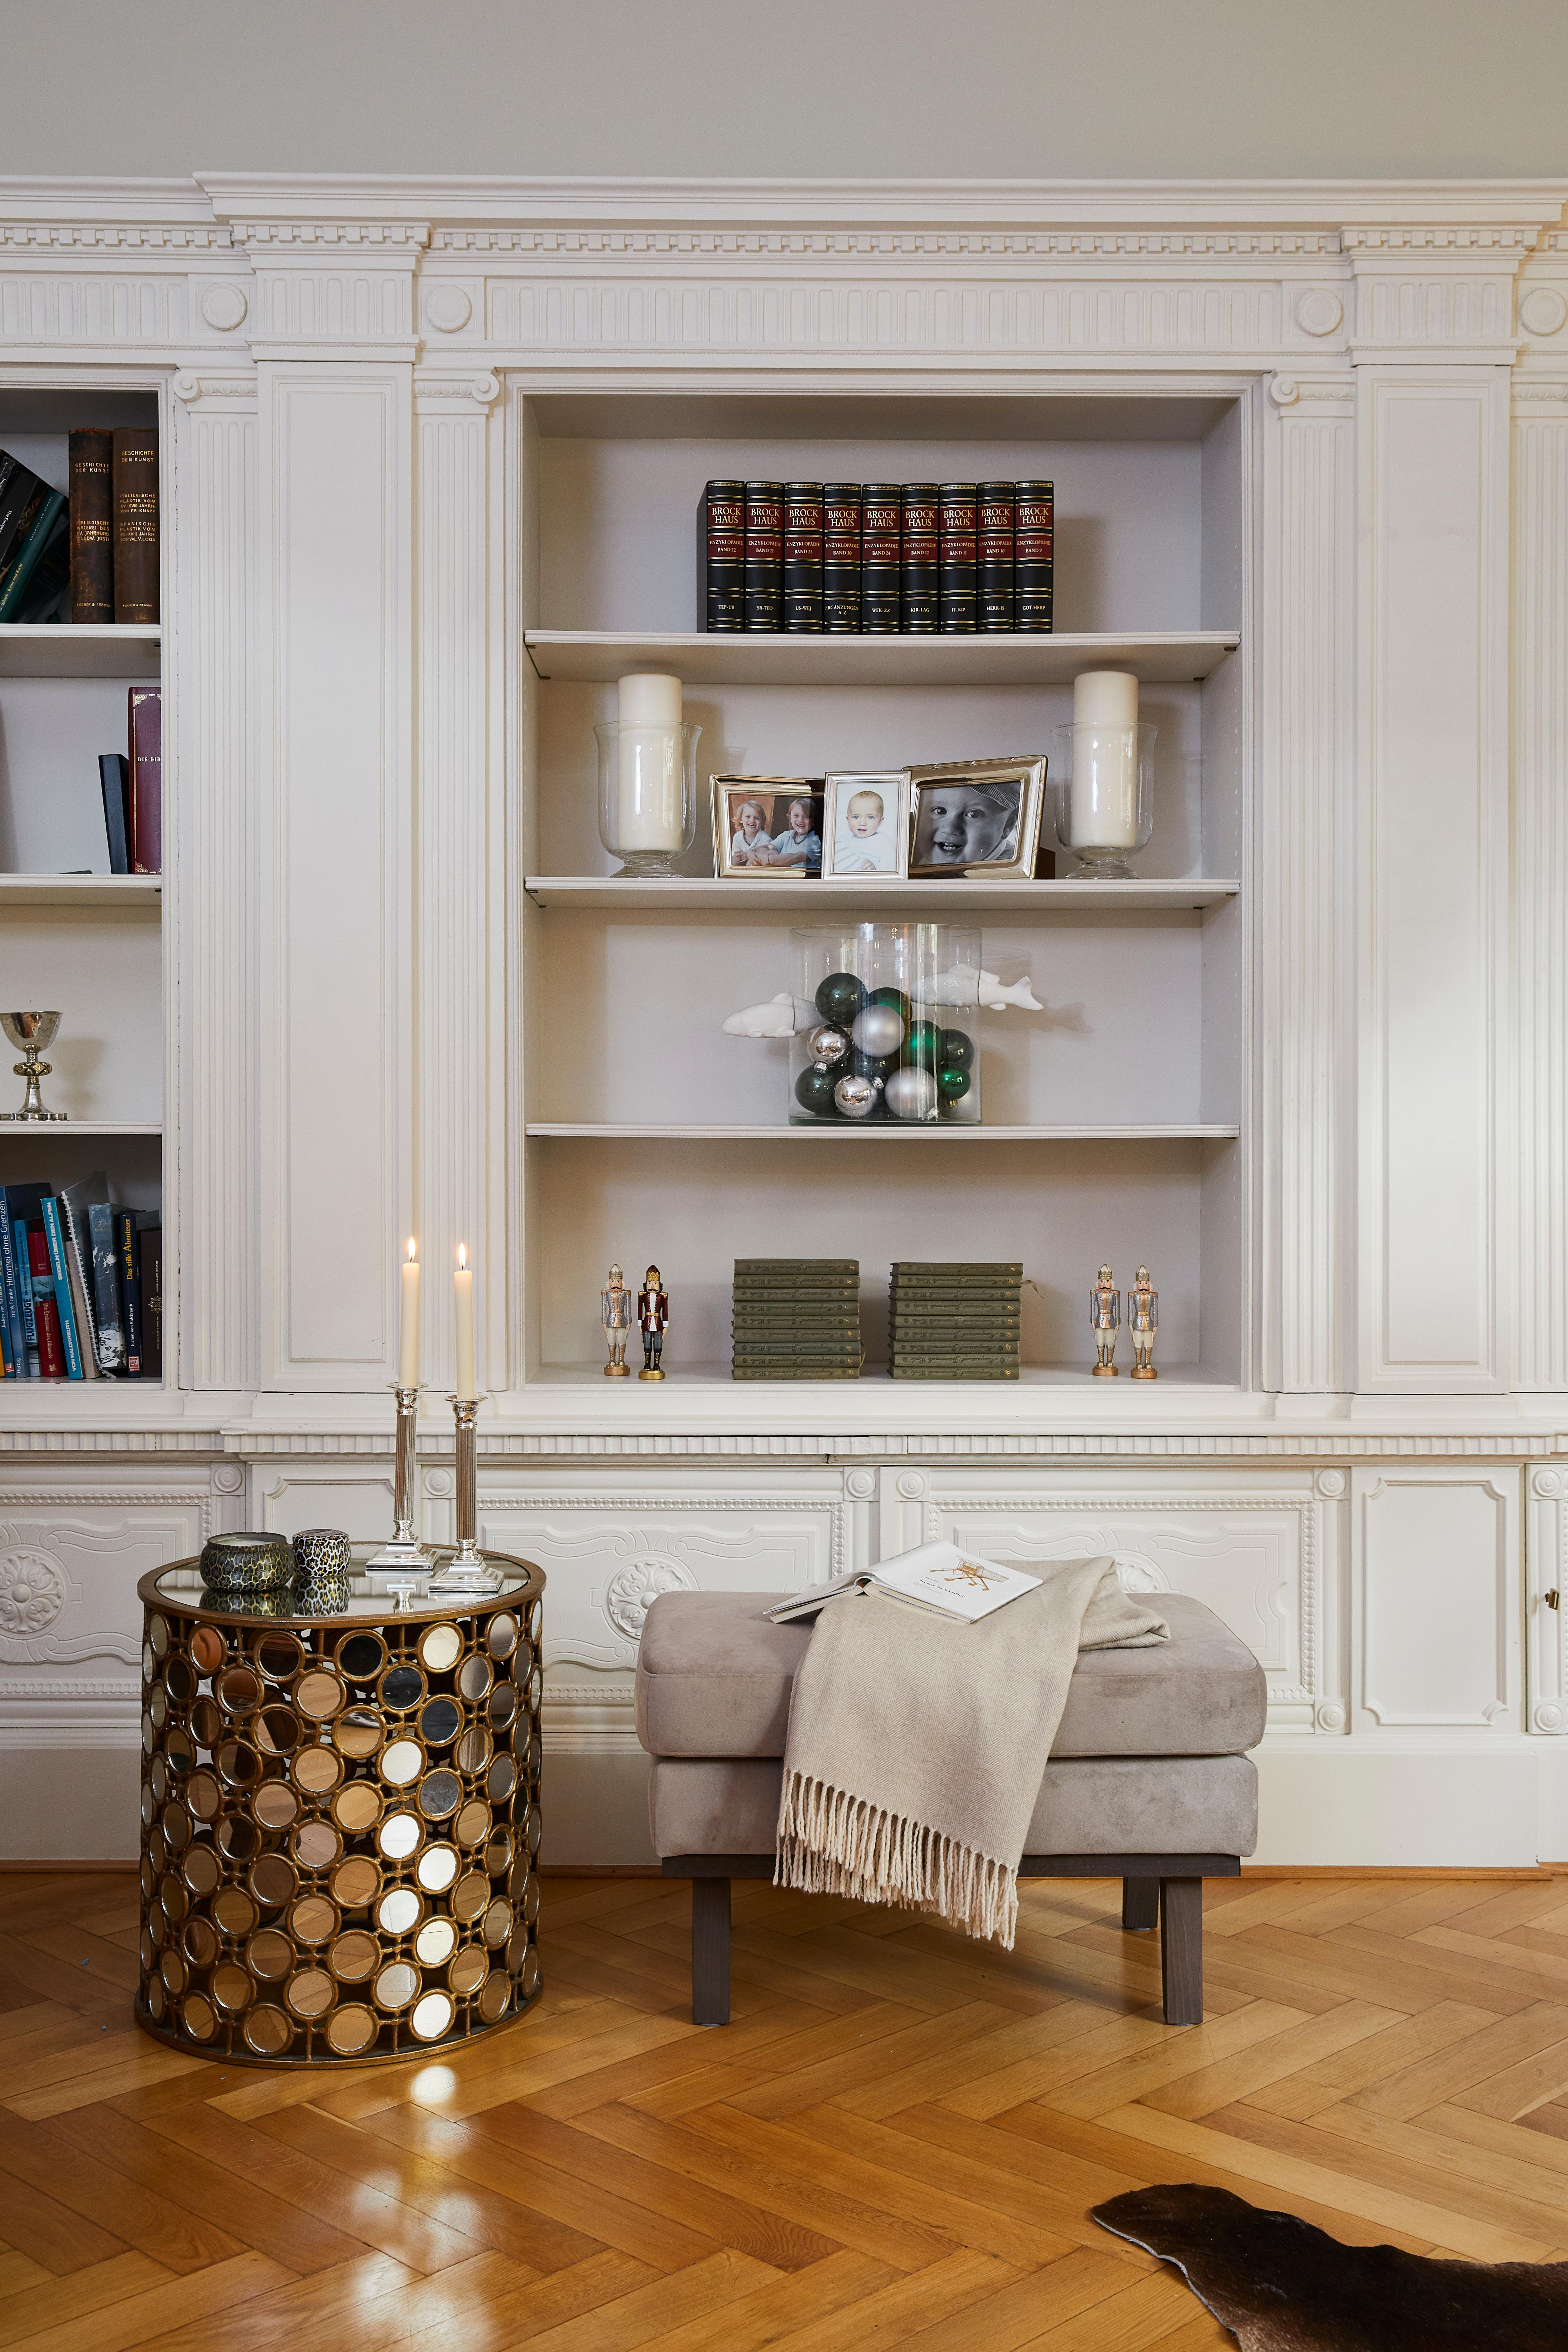 Schönes Wohnzimmer mit einem Hocker und einem Beistelltisch in Gold.